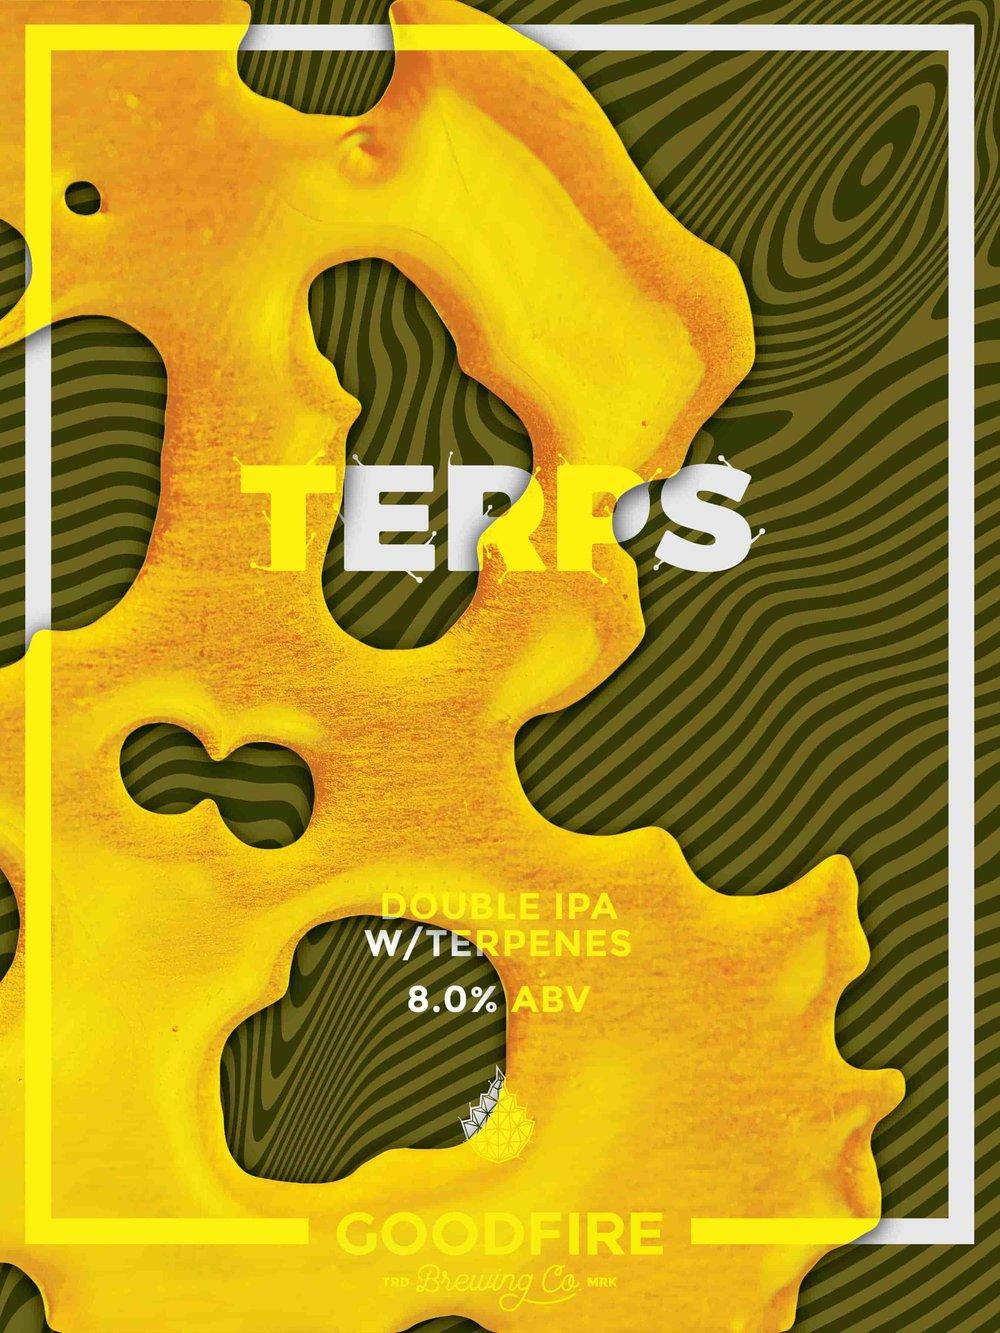 Goodfire Terps Poster-01 (1).jpg